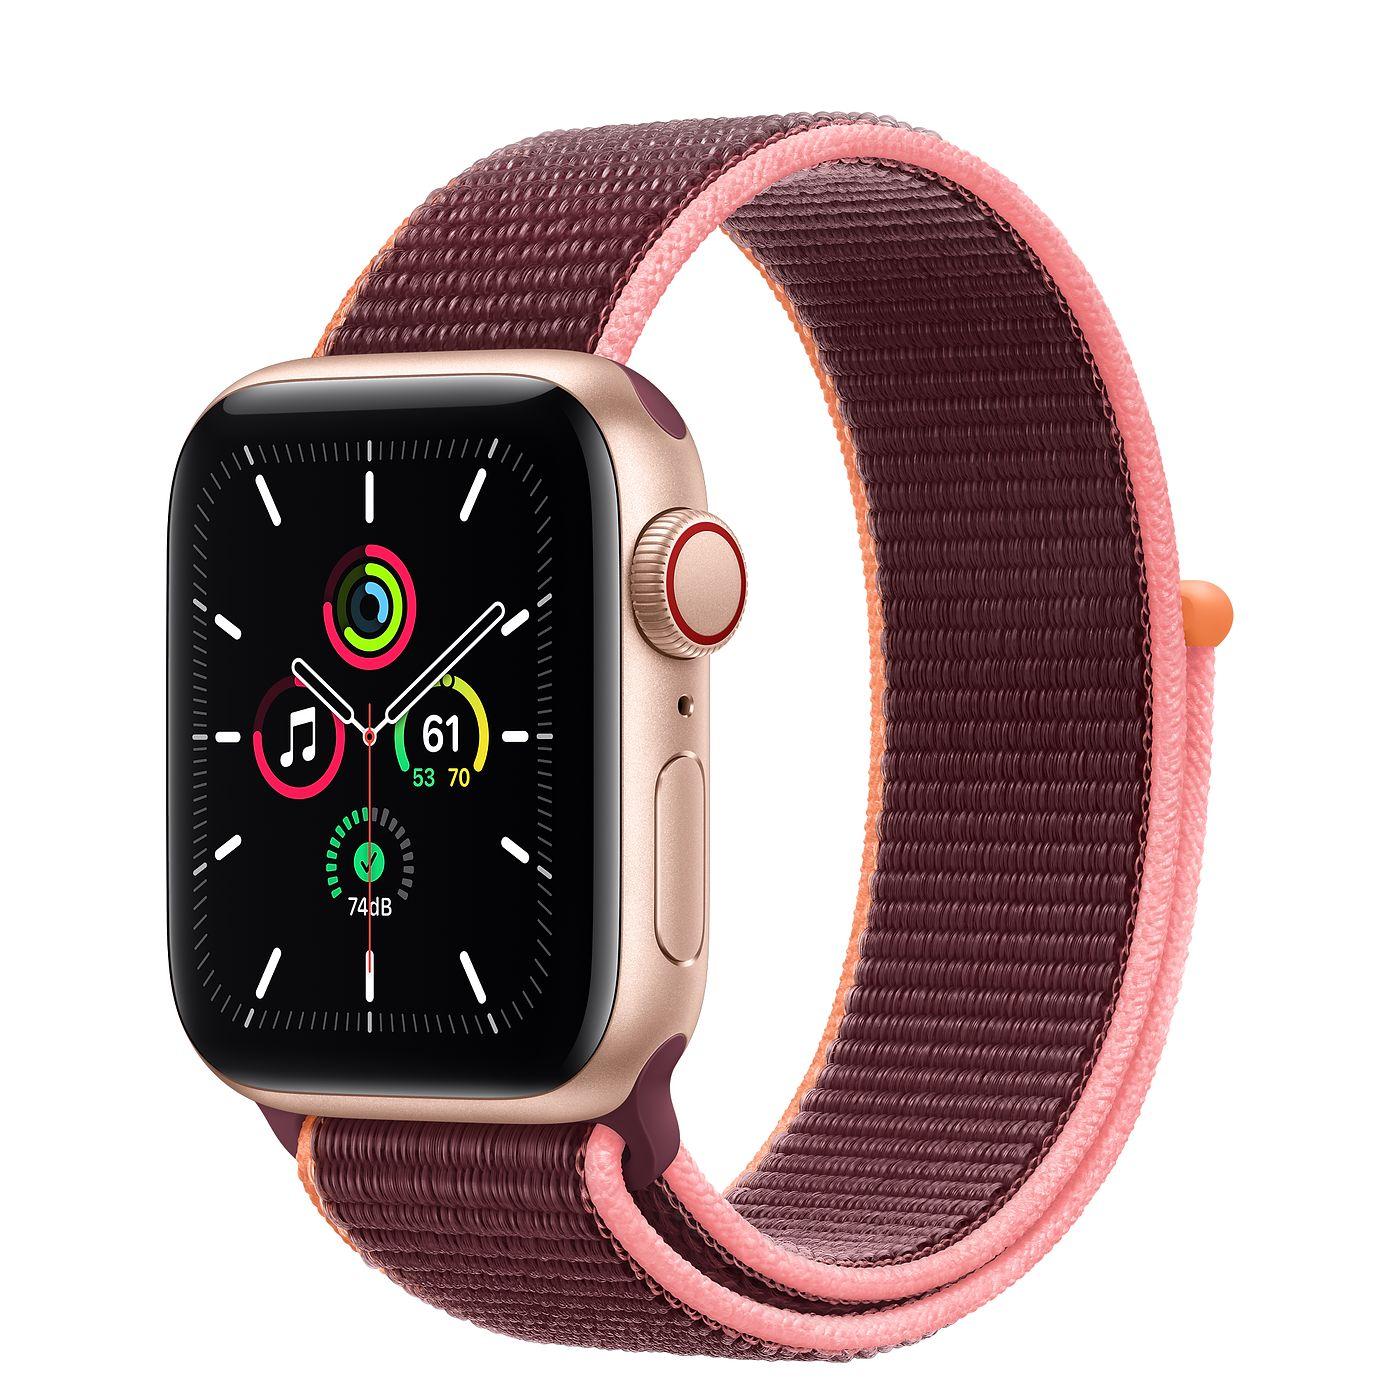 Apple 애플워치 SE, GPS+Cellular, 골드 알루미늄 케이스, 플럼 스포츠 루프